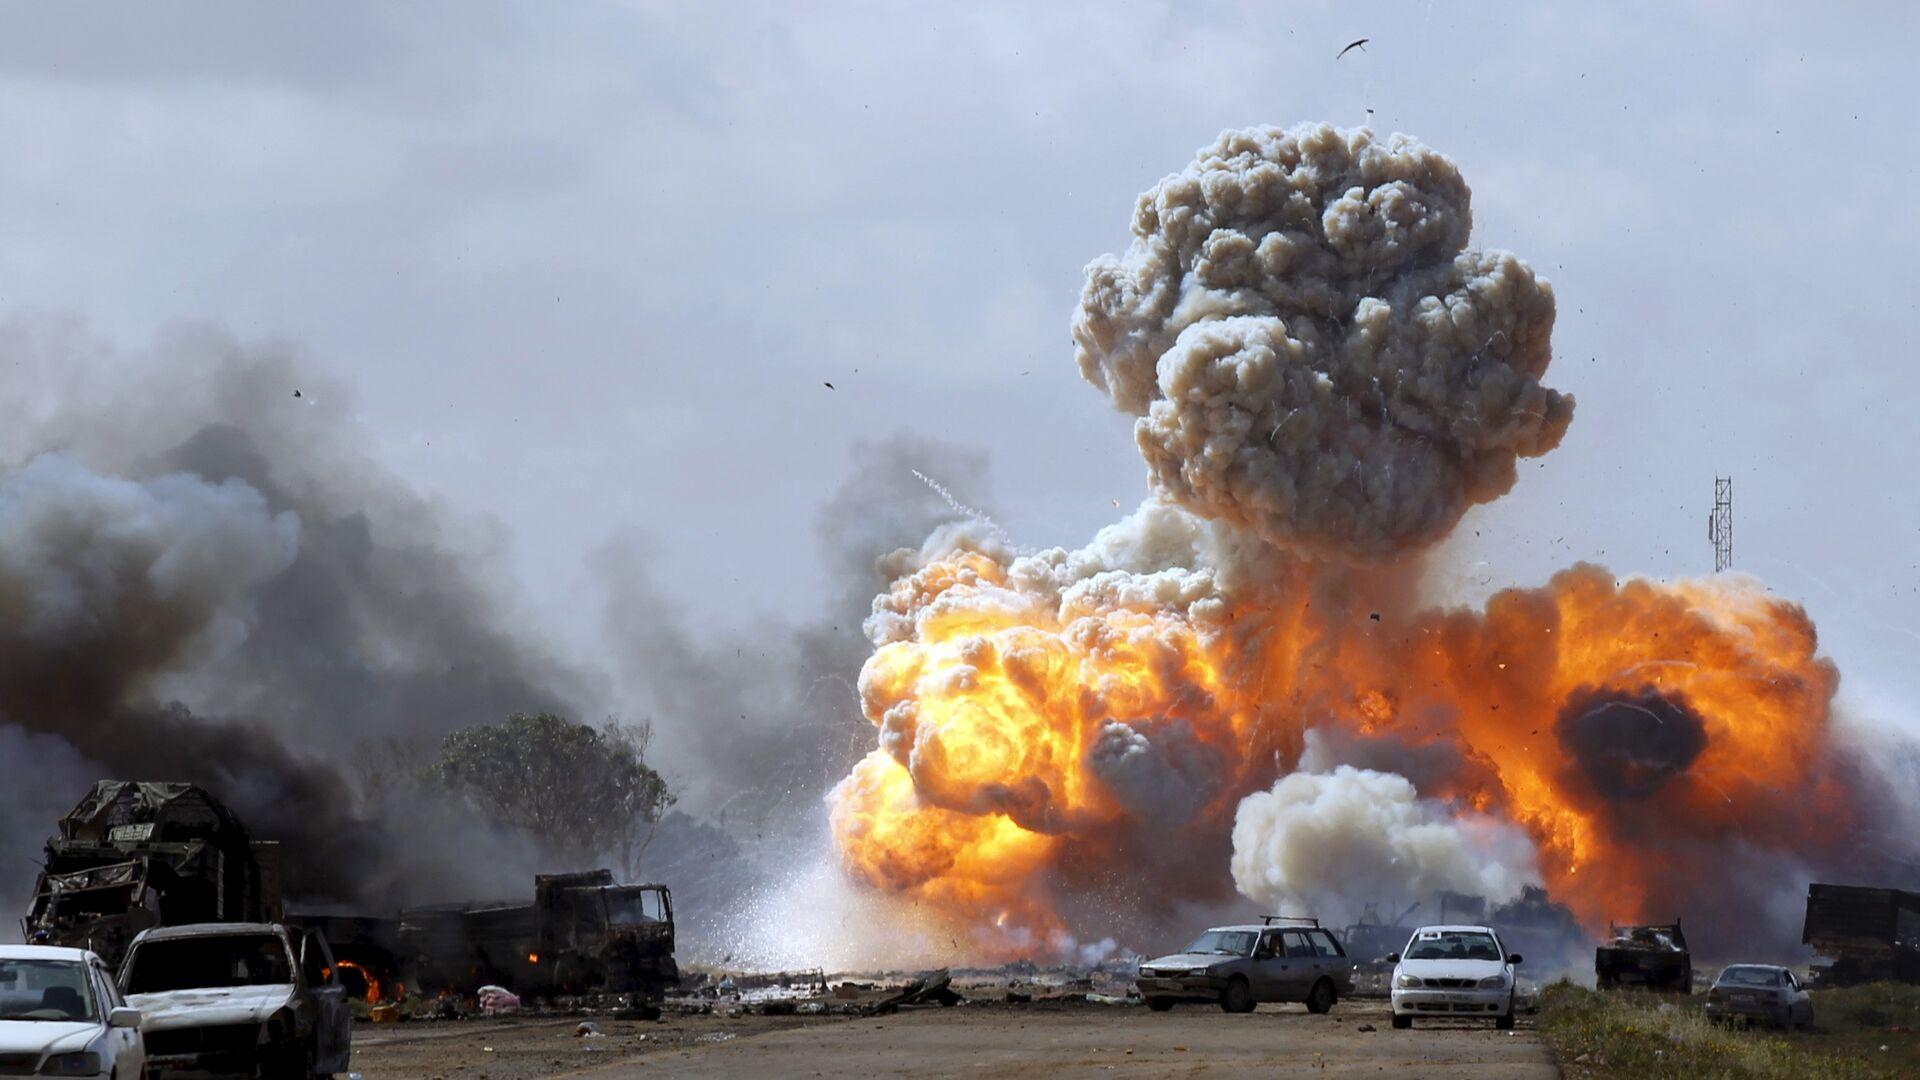 Bombardeos de la coalición en Libia en 2011 - Sputnik Mundo, 1920, 19.03.2021